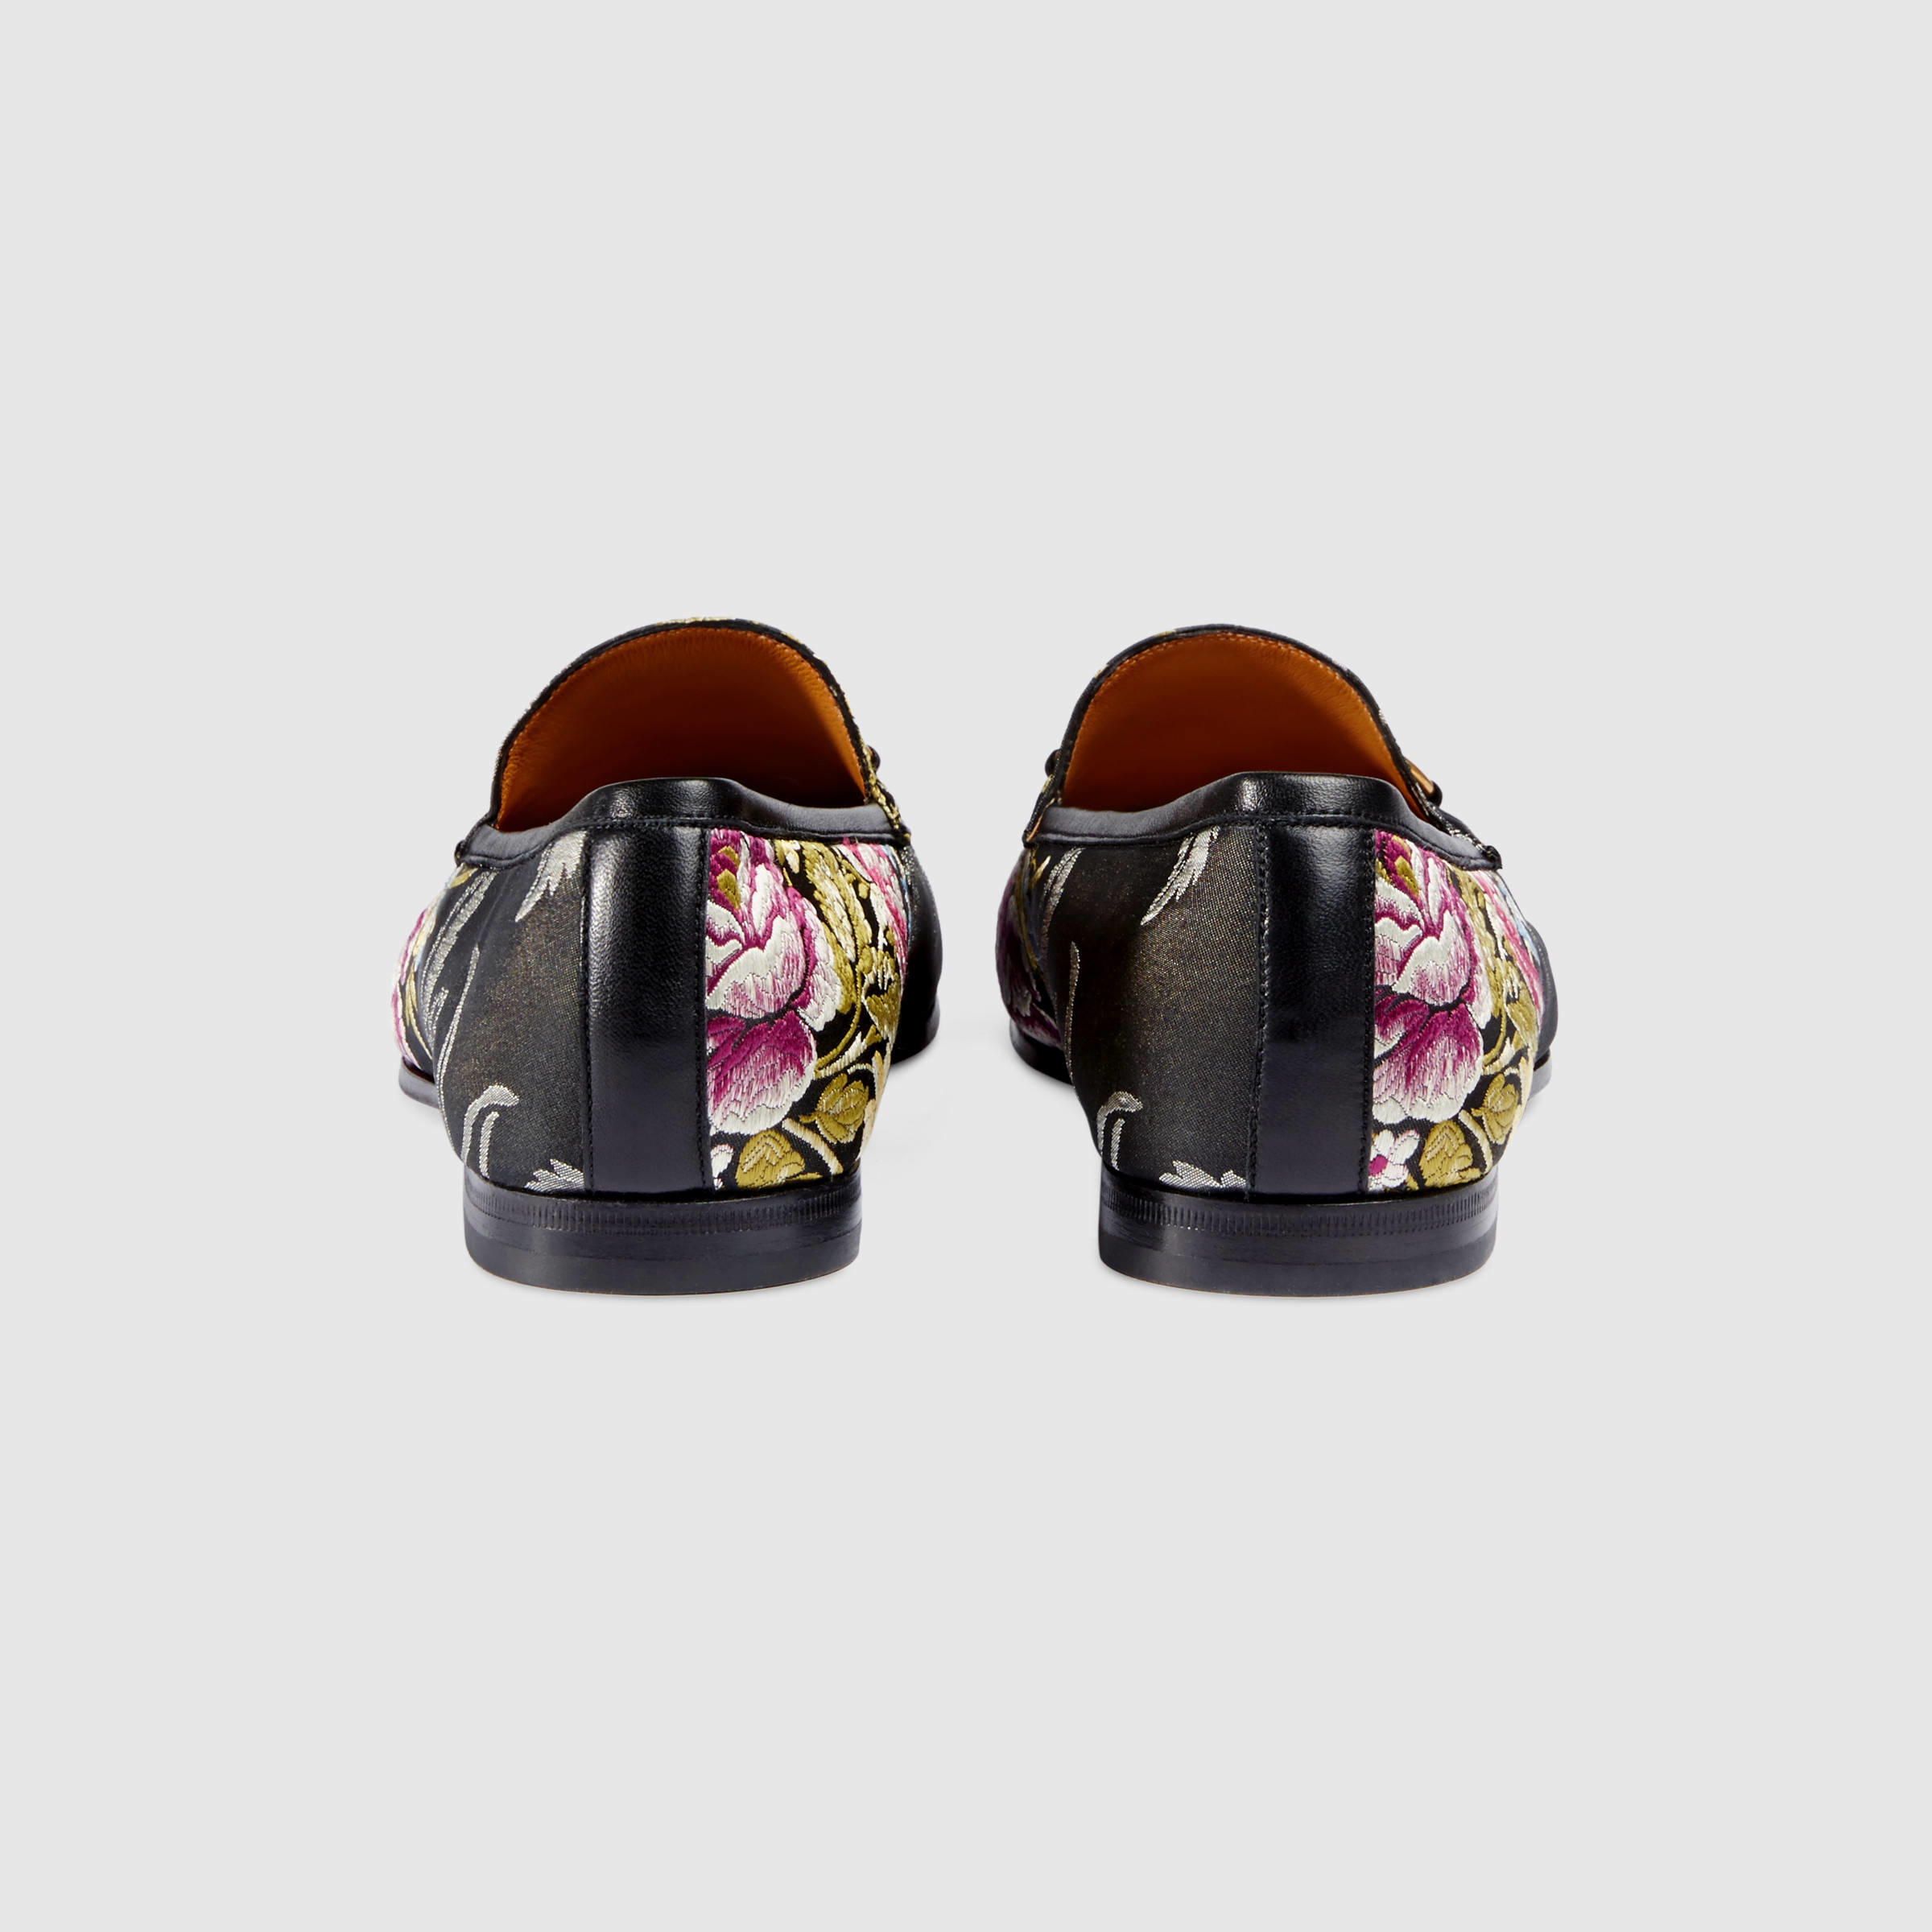 2d7b8a30424 Lyst - Gucci Jordaan Floral Jacquard Loafer in Black for Men